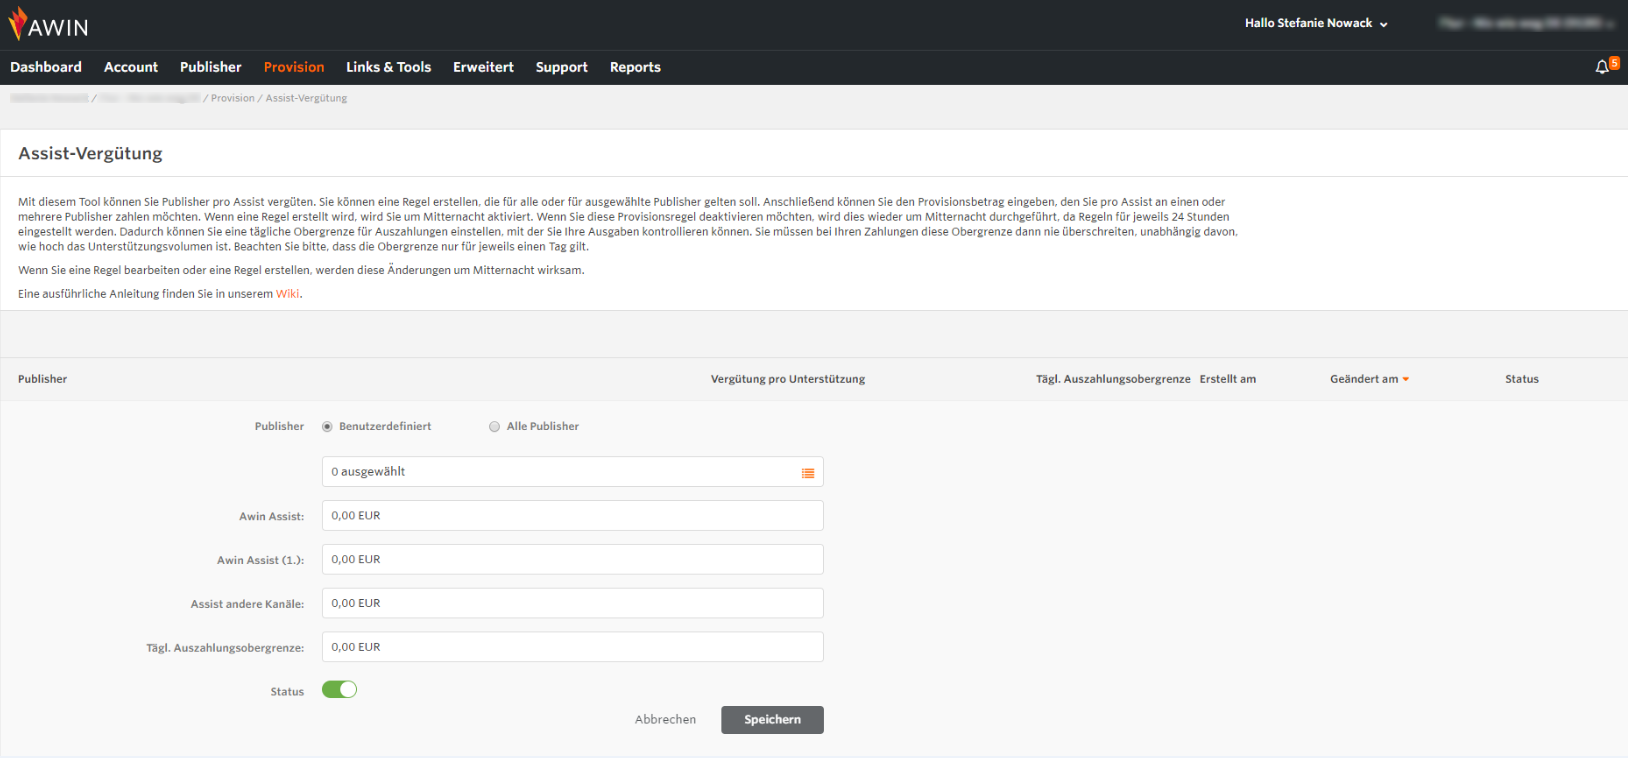 Screenshot von der Assist-Vergütung auf der Awin Plattform